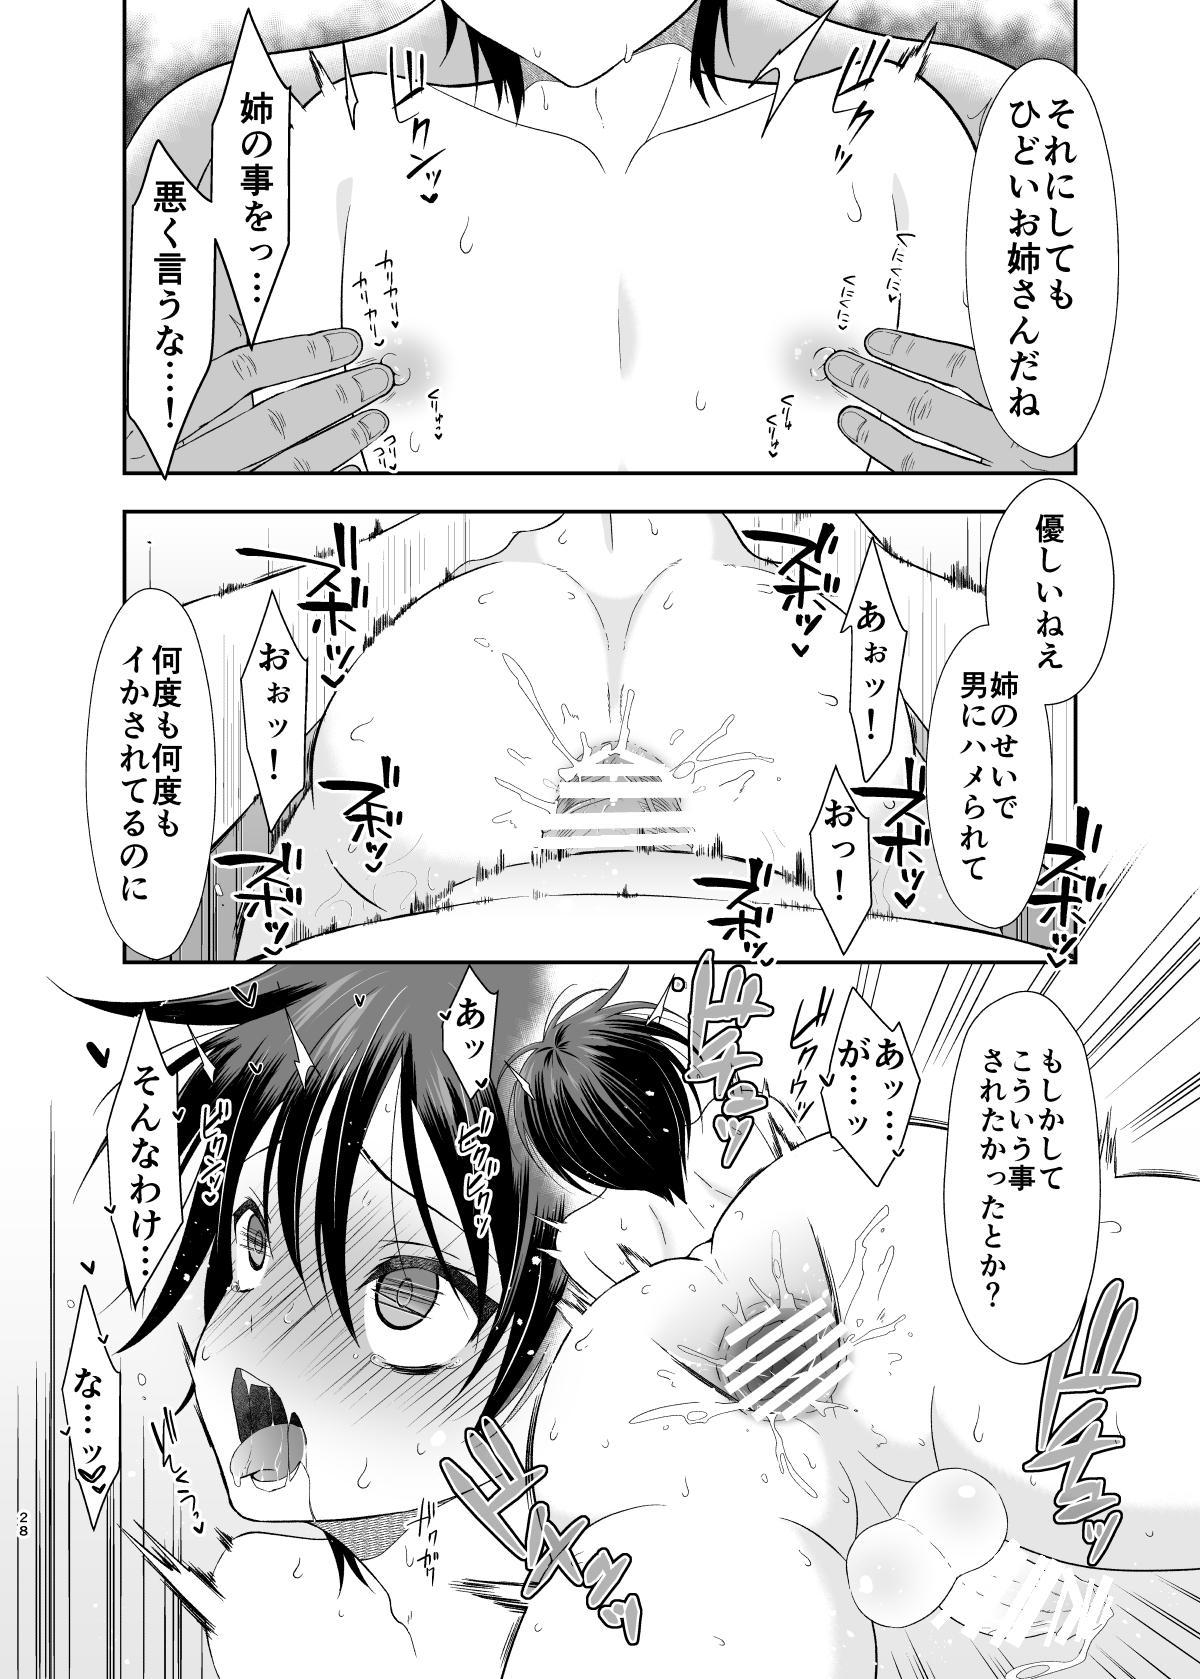 Ane no Kareshi no Furi o Shitetara Oji-san ni Otosareta Ore 26